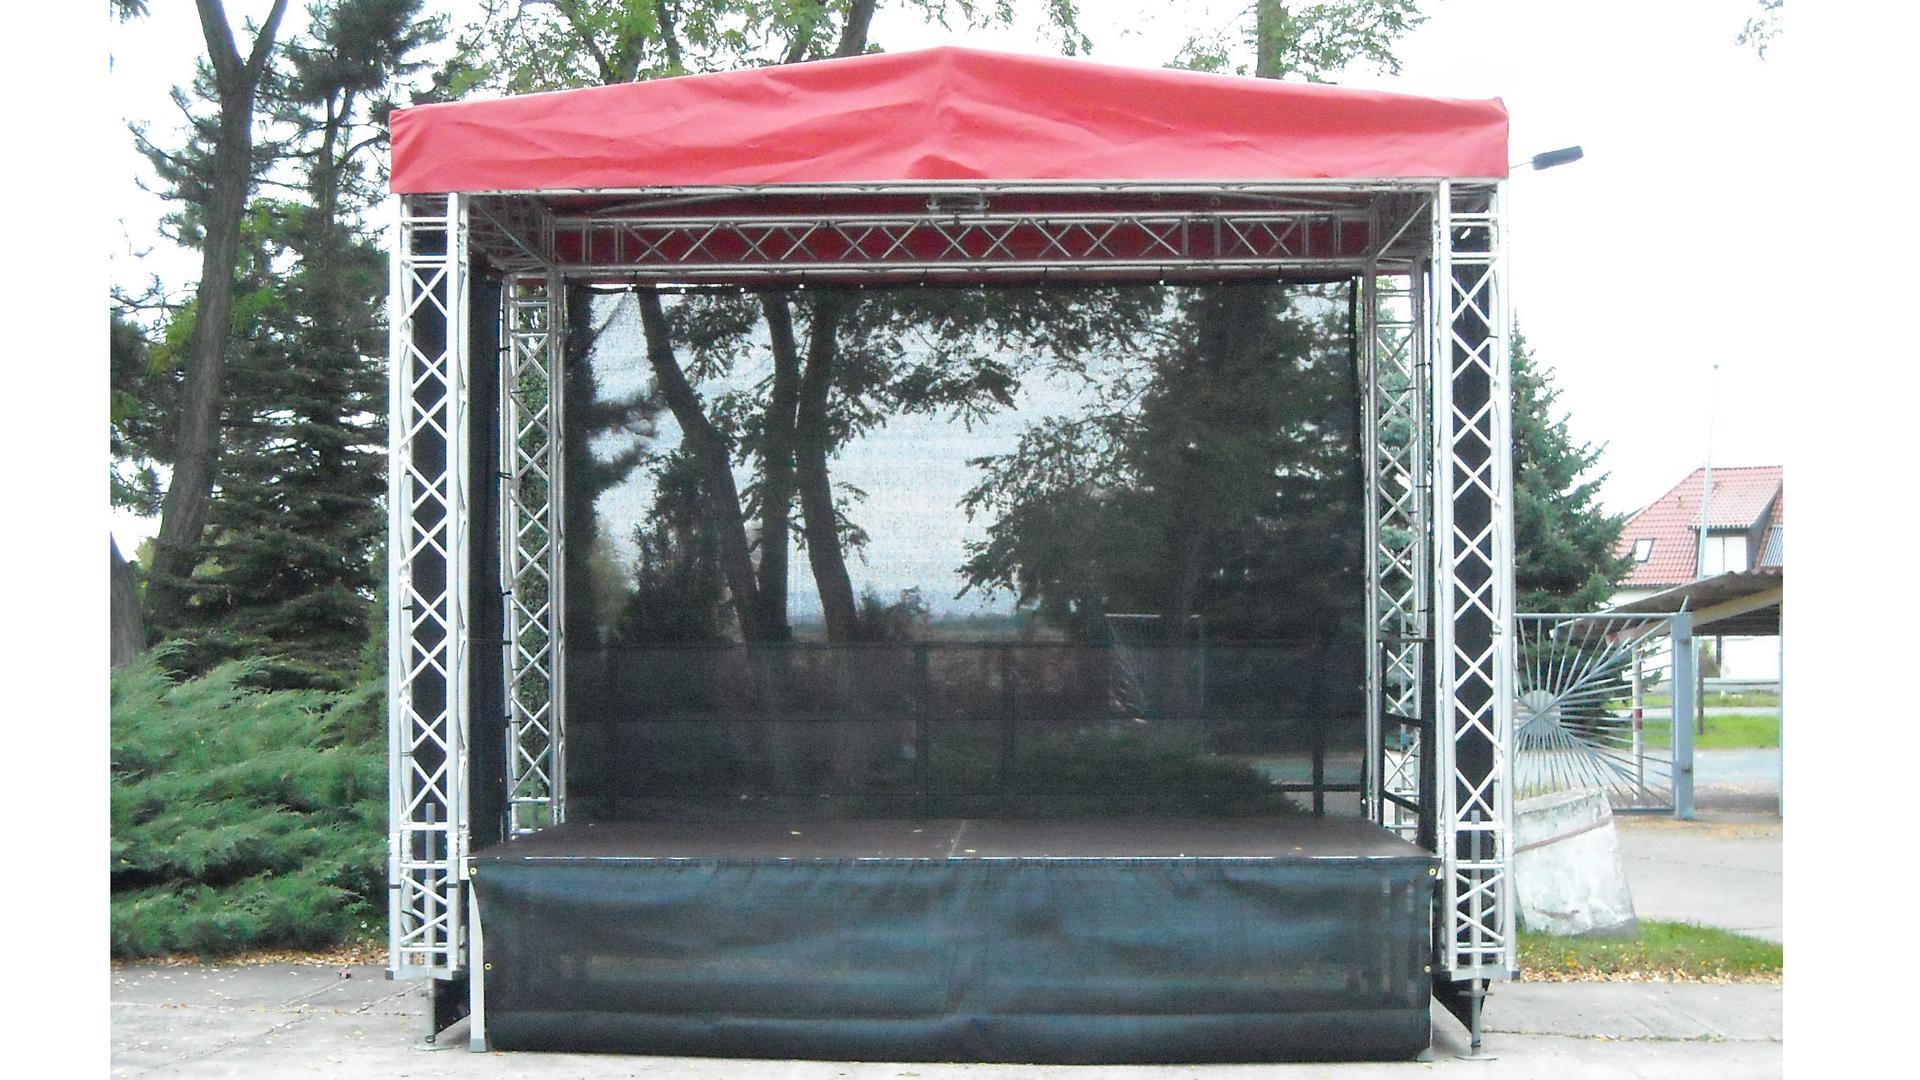 Bühne mieten & vermieten - Bühne mit Sattel Dach 4x3 - 12m² für kleine Stadtfest, Präsentation, Events etc. in Nürnberg